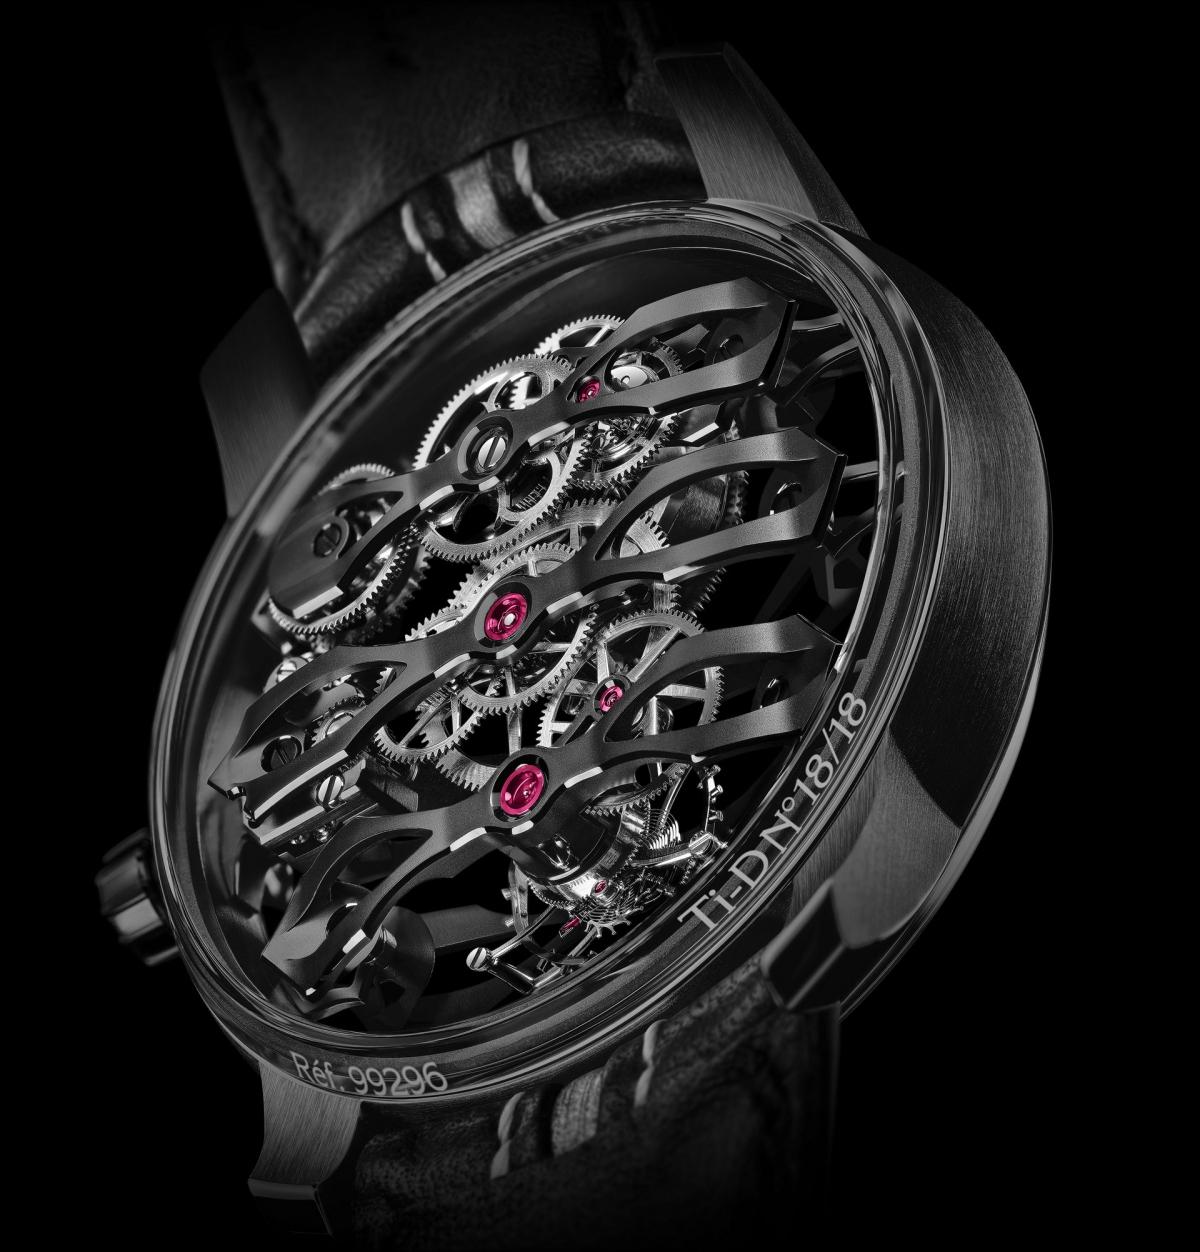 Có lẽ điểm nhấn quan trọng của mẫu đồng hồ này là việc không có mặt số truyền thống, và hoàn toàn trong suốt, để lộ ra bộ máy phức tạp bên trong.